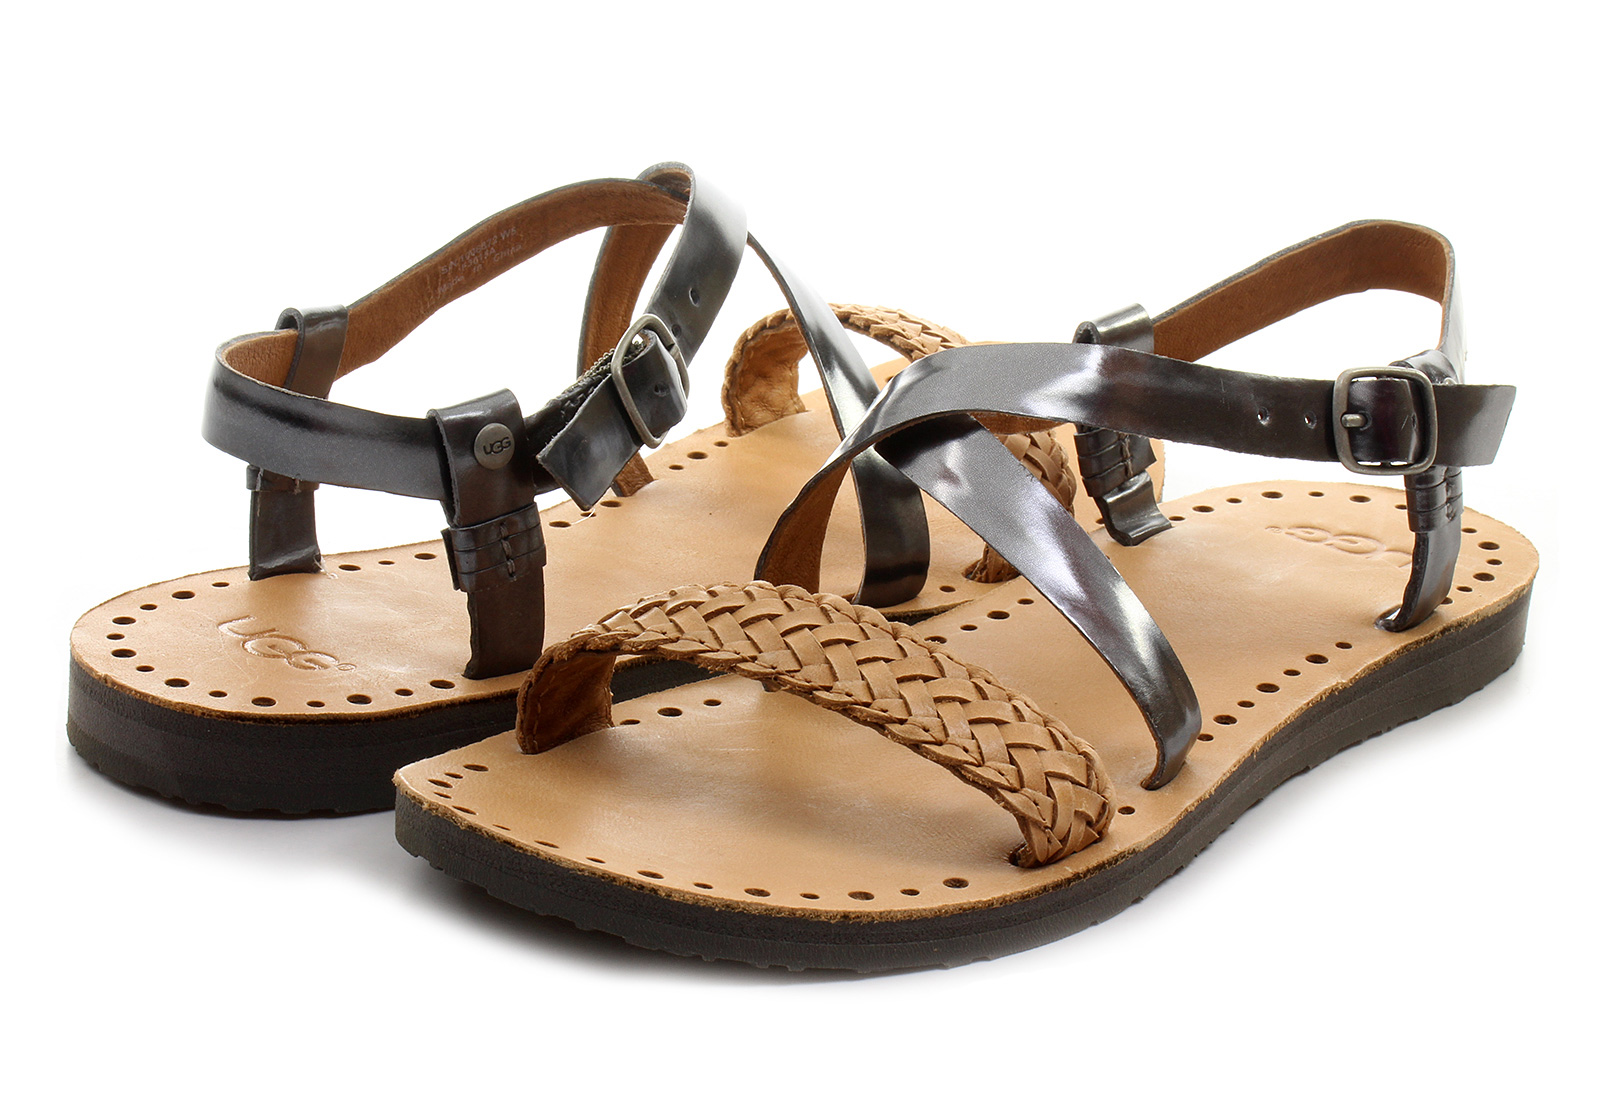 Ugg Sandals W baskets Jordyne 1006872 17931 pour pew Boutique en ligne pour les baskets 5675a28 - christopherbooneavalere.website